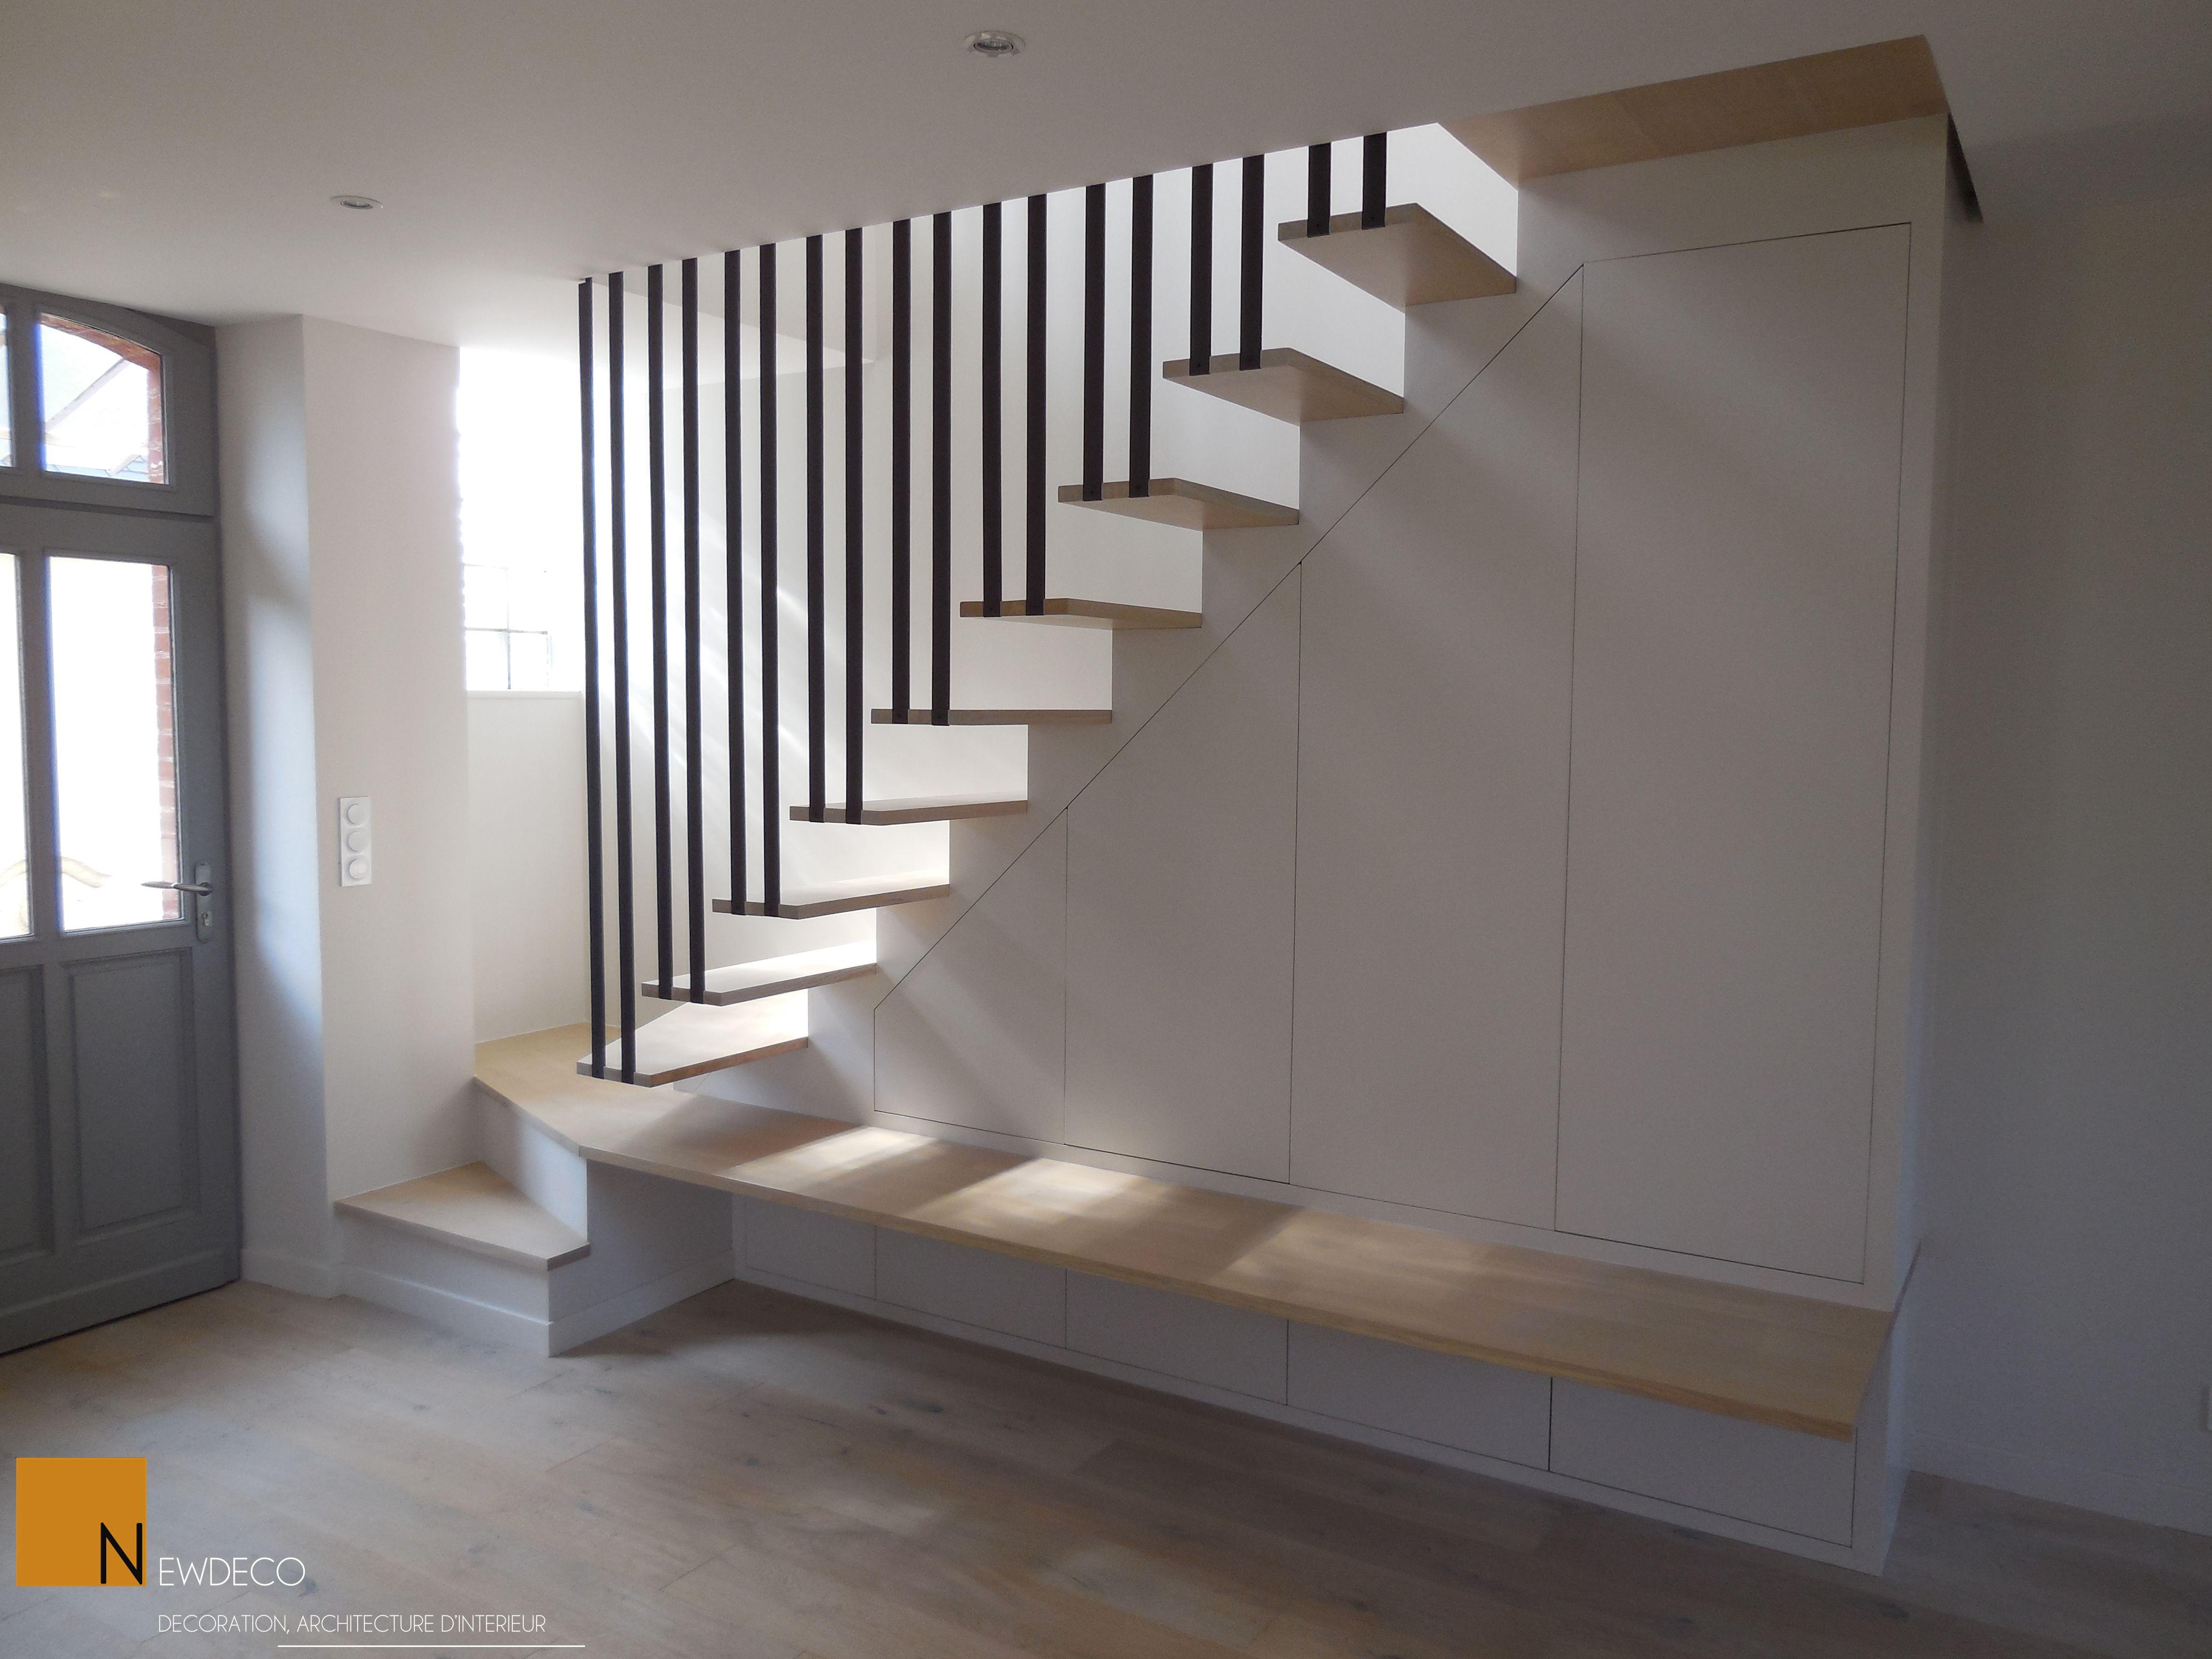 escalier sur mesure / escalier contemporain / garde corps / placard sur mesure | Escalier ouvert ...